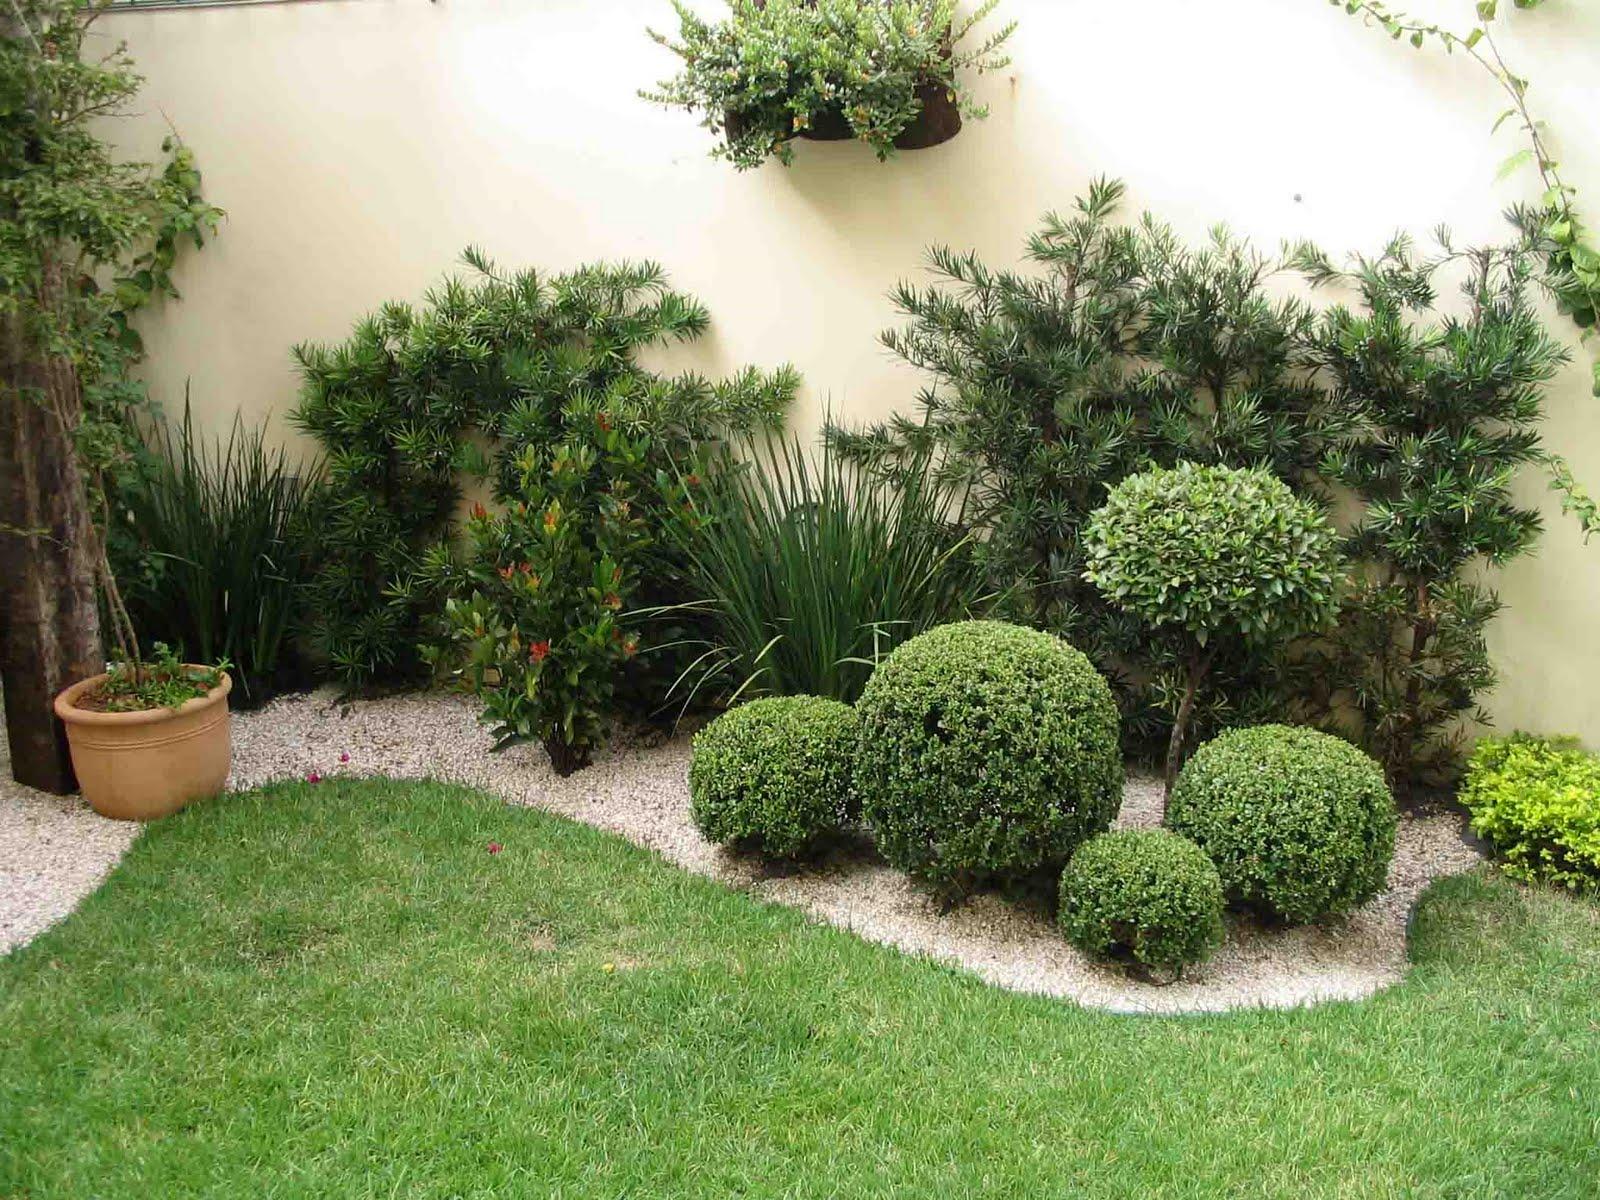 jardim pedras e flores:quarta-feira, 29 de setembro de 2010